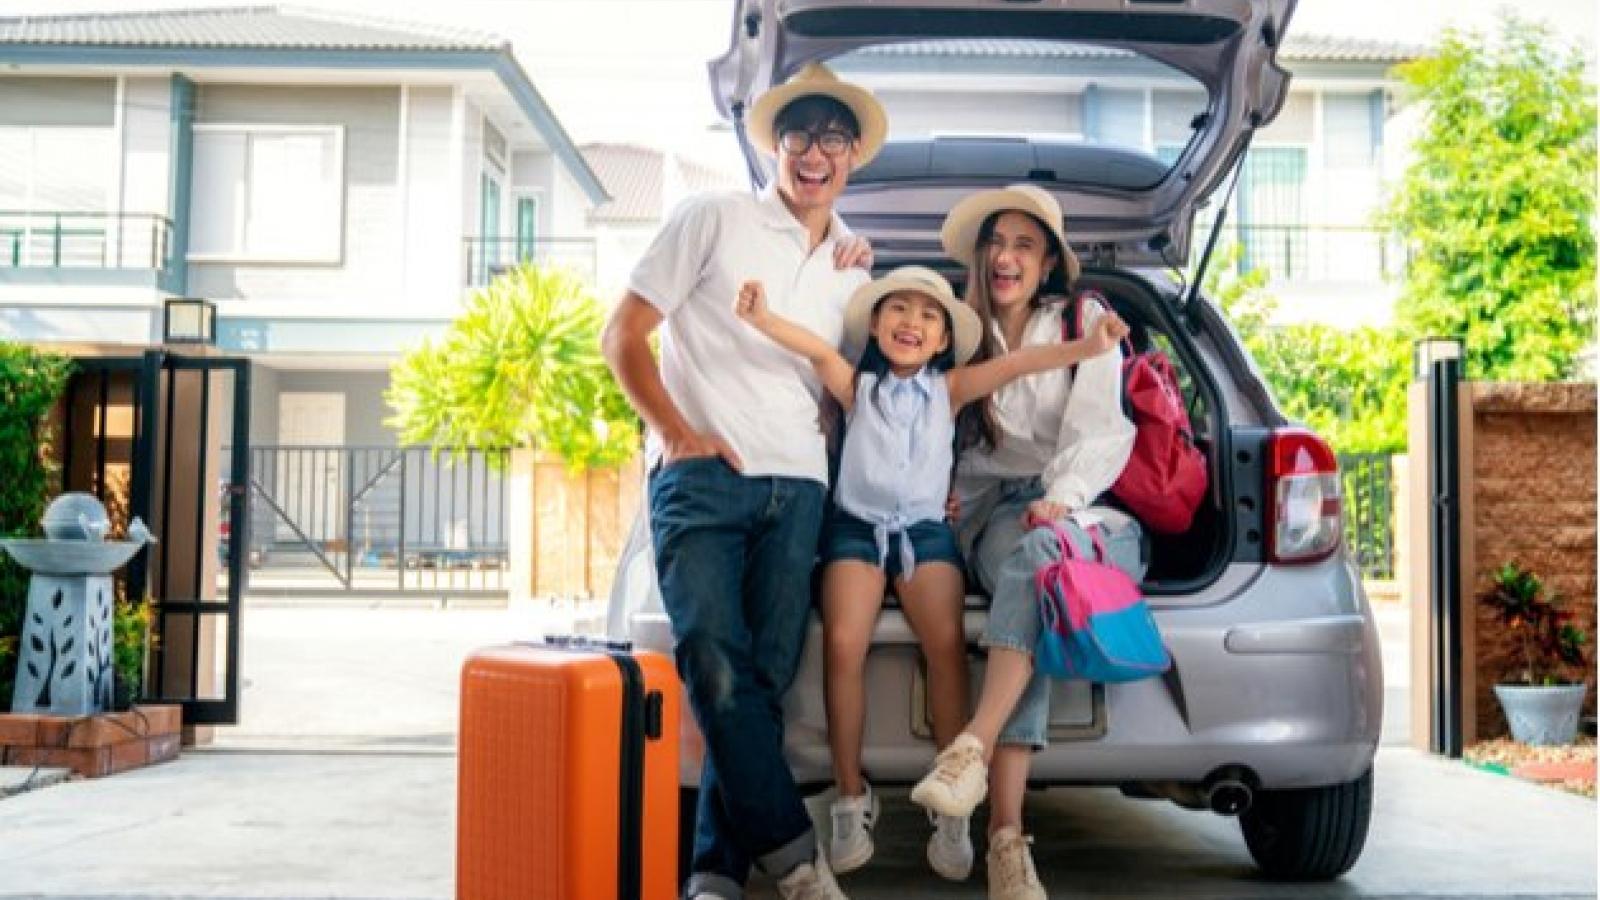 Mẹo soạn đồ cho một chuyến du lịch gia đình thuận tiện